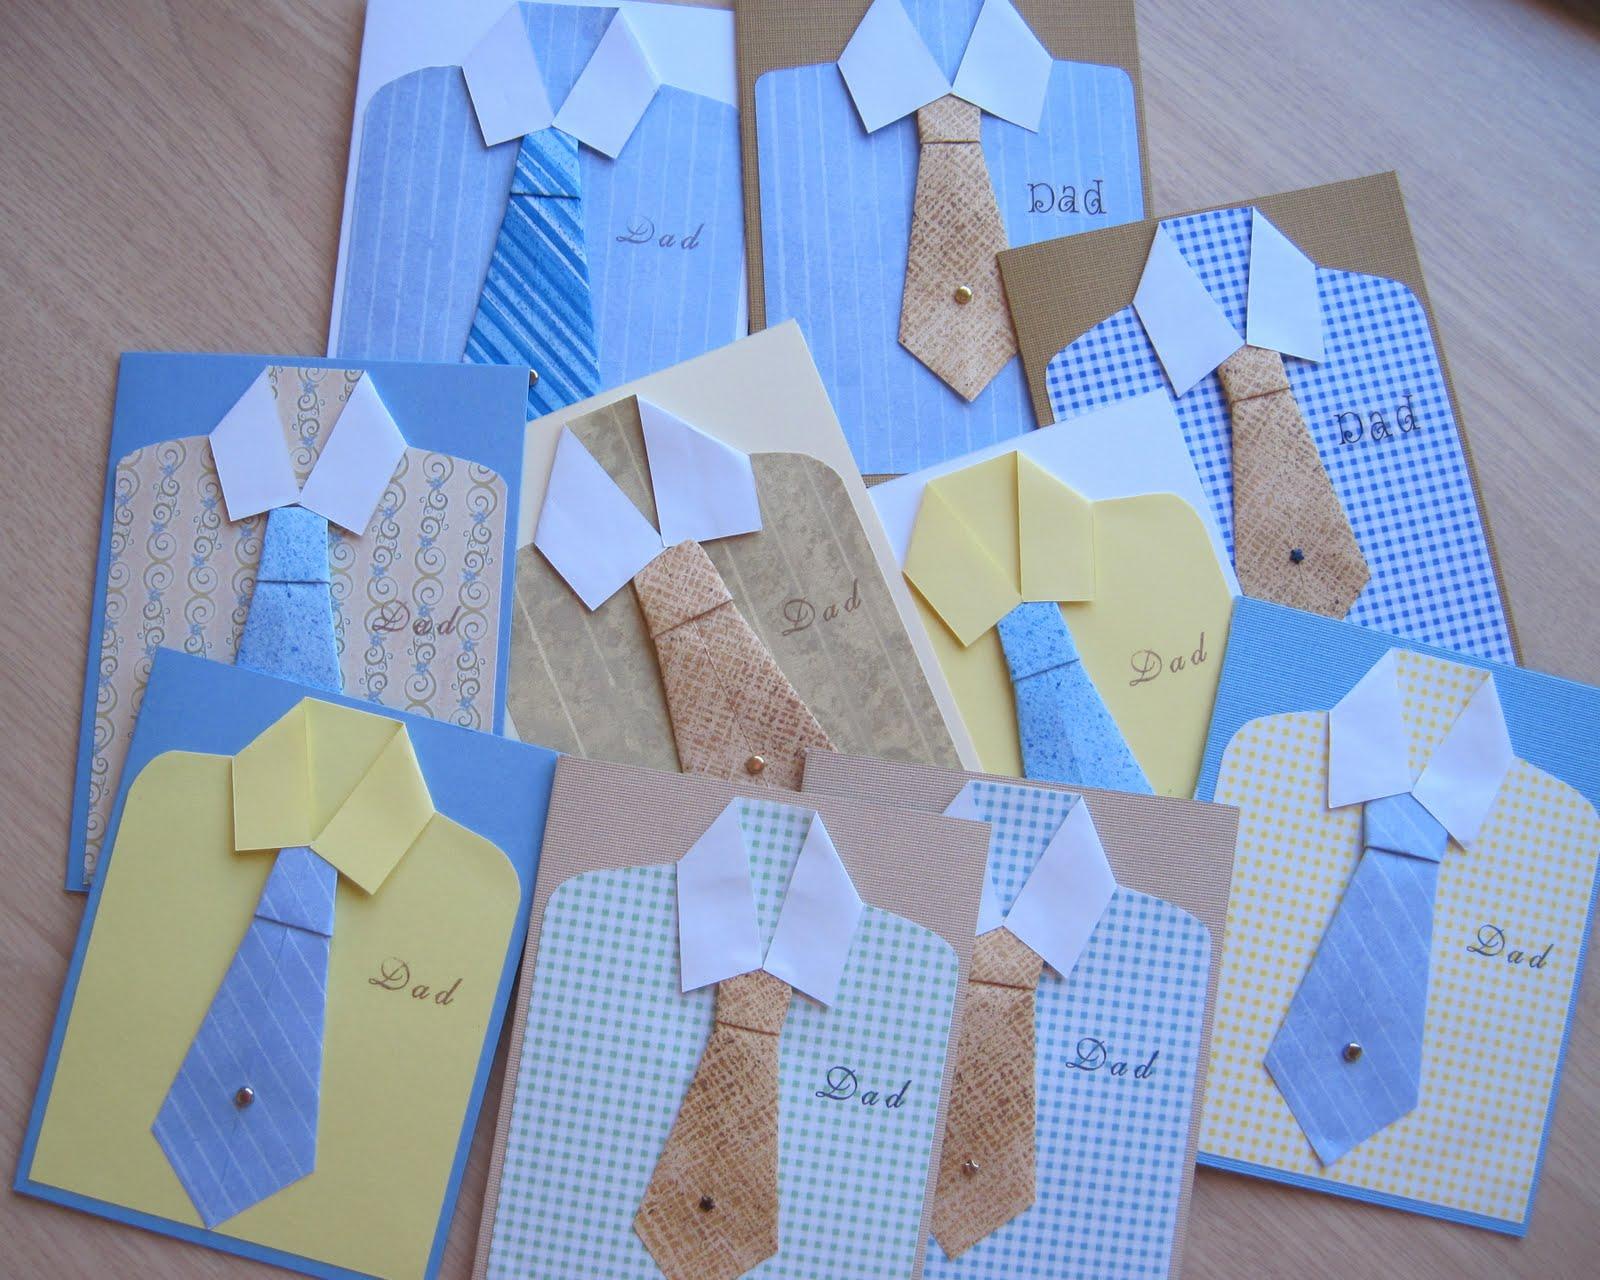 tie cards